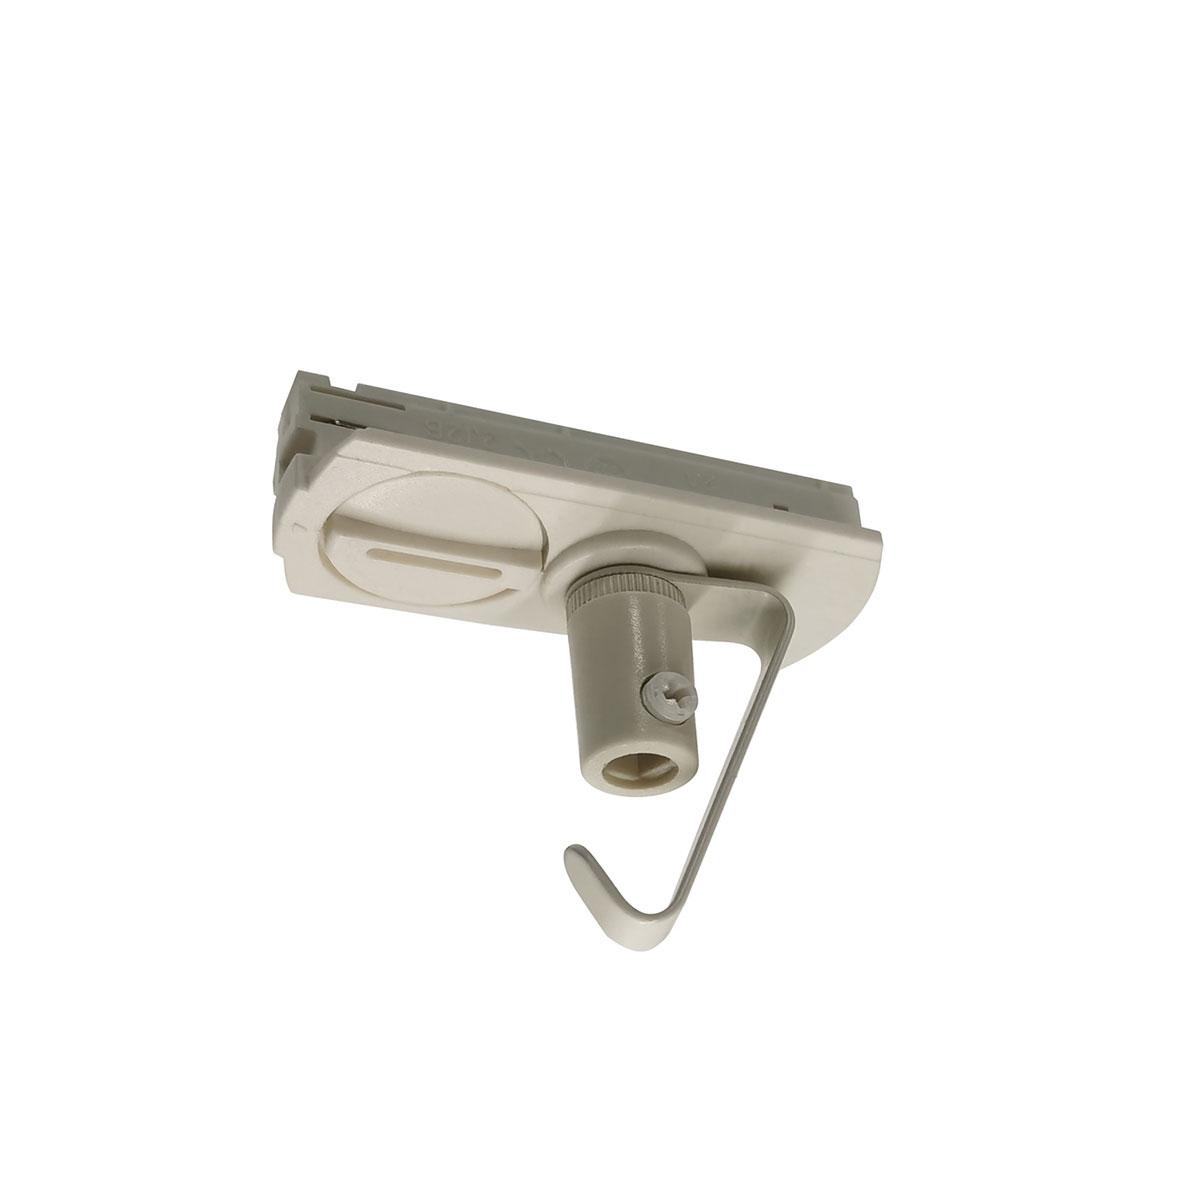 Adapter voor hanglamp voor witte spanningrail. Deze adapter voor een hanglamp maakt onderdeel uit van de moderne railverlichting RSWebo-1 van High Light. Dit moderne 1 fase railsysteem van Highlight  kunt u geheel zelf samenstellen. Het systeem RSWebo-1 beschikt over verschillende lengtes spanningrail